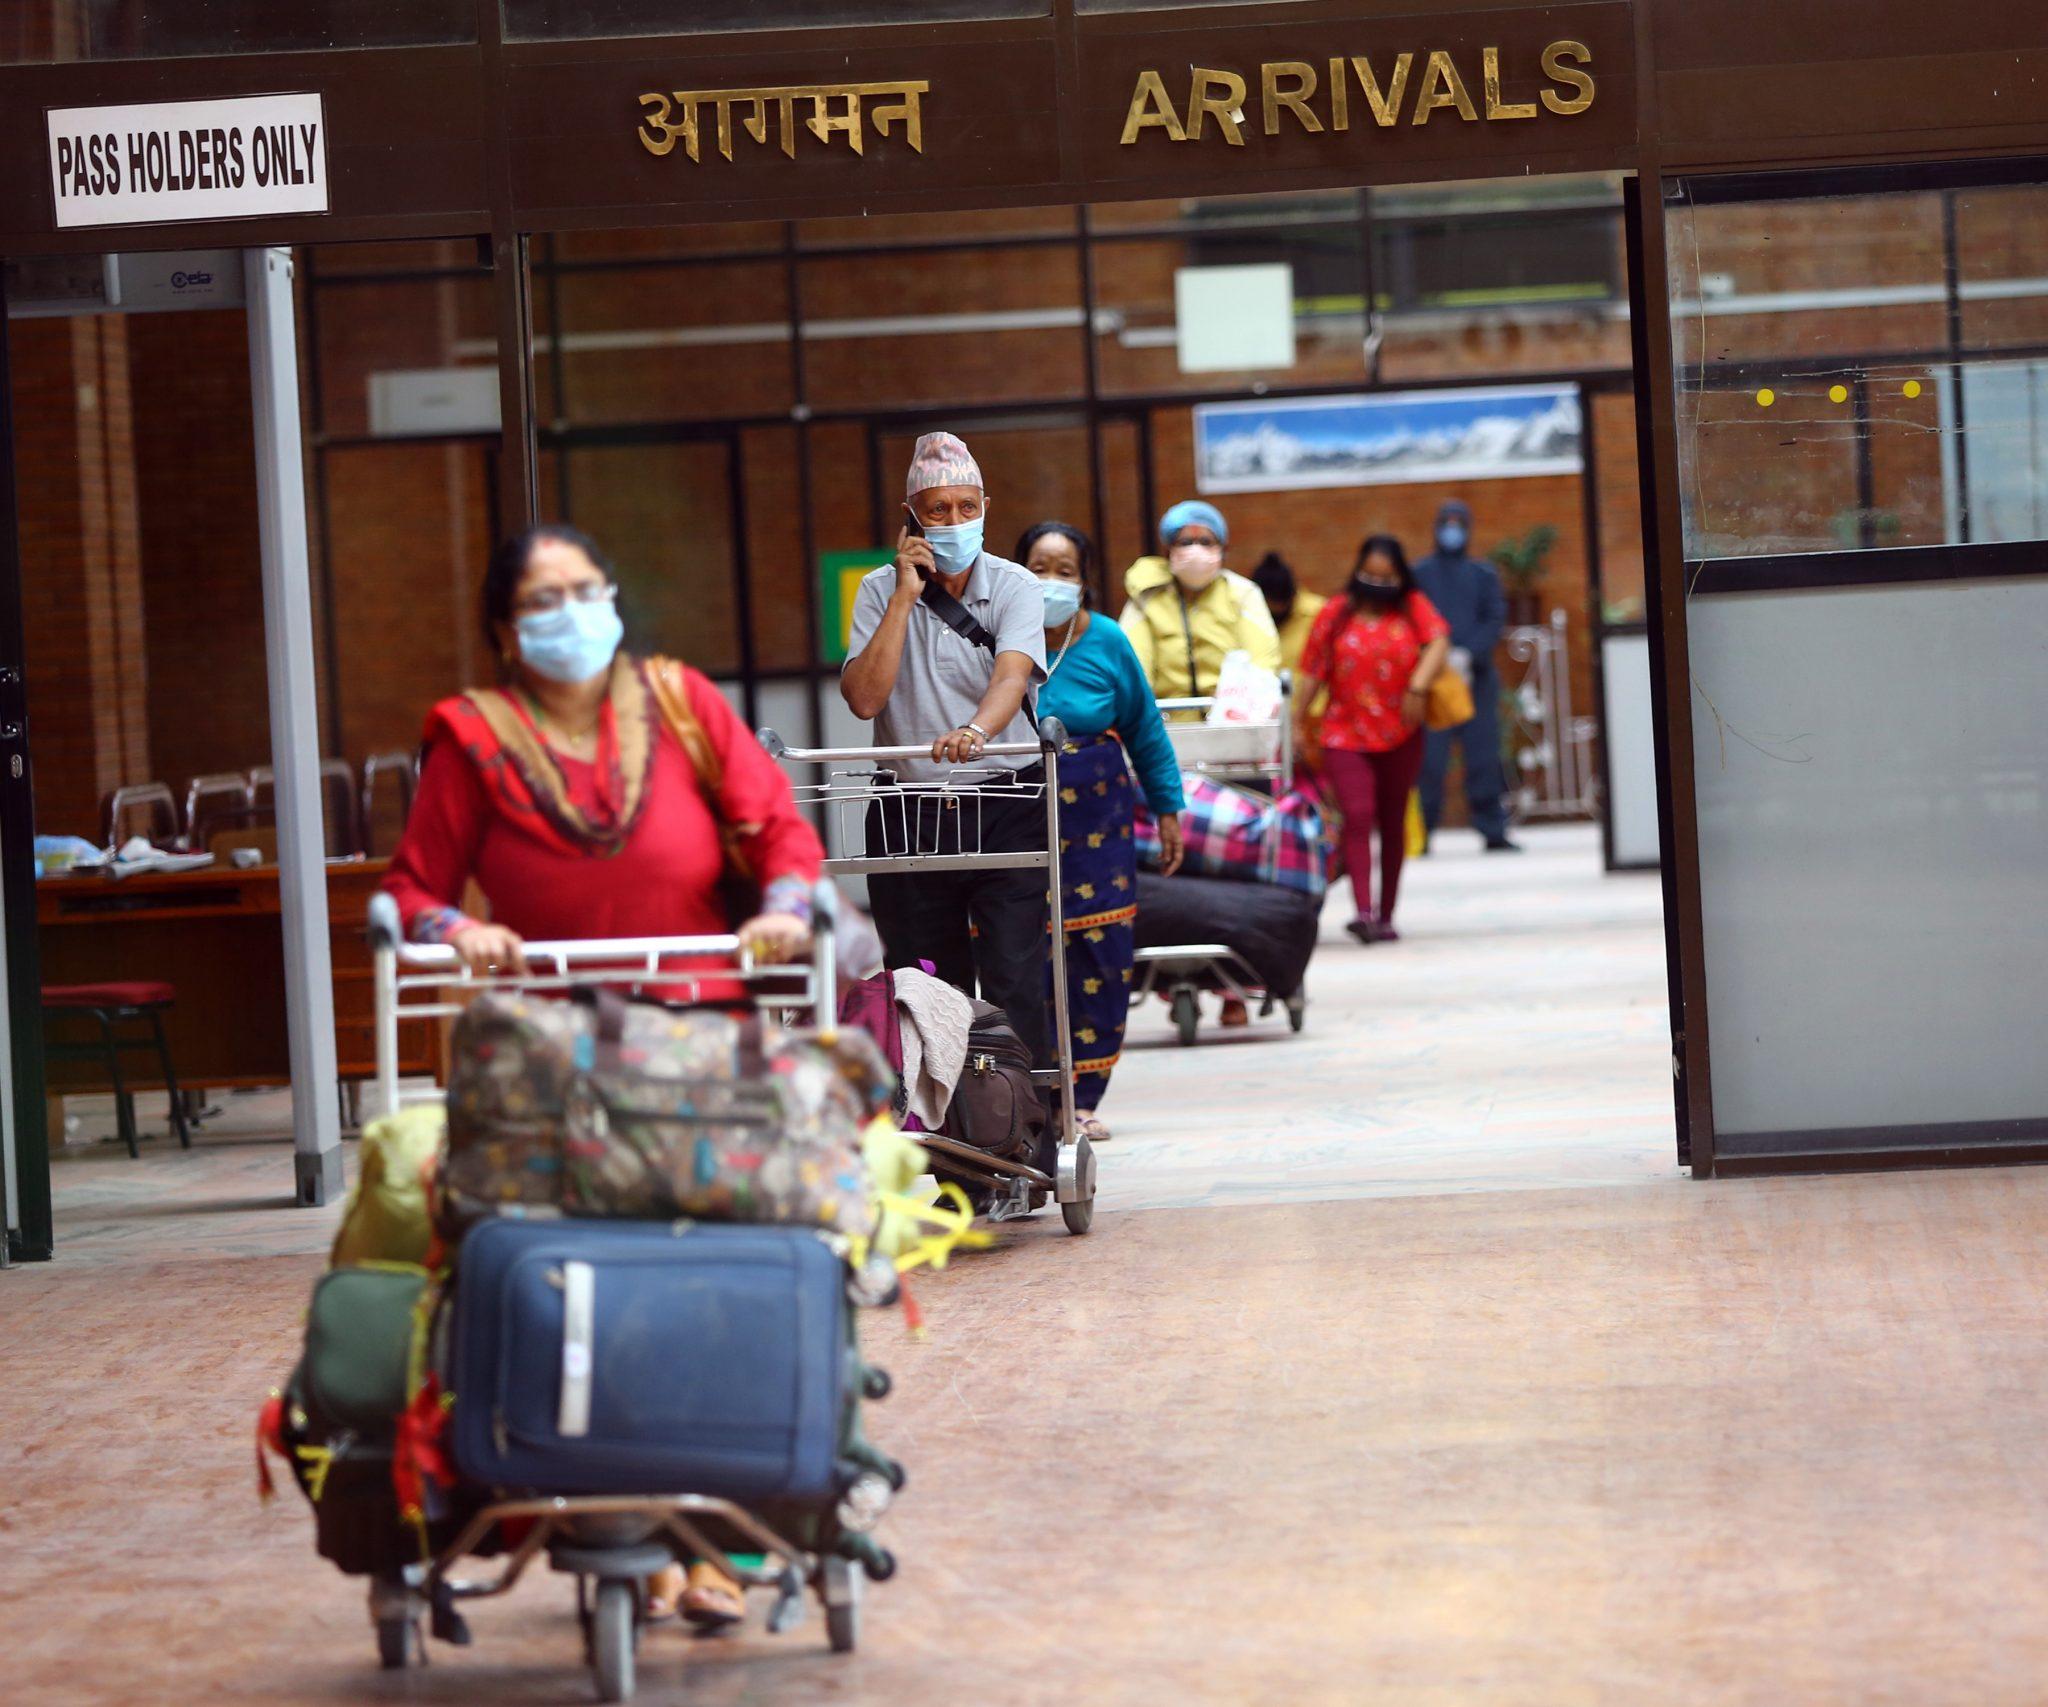 नेपाल सरकारले विदेशबाट नेपाली ल्याउदै, म्यान्माबाट आइपुगे २६ नेपाली (तस्बिरहरू)